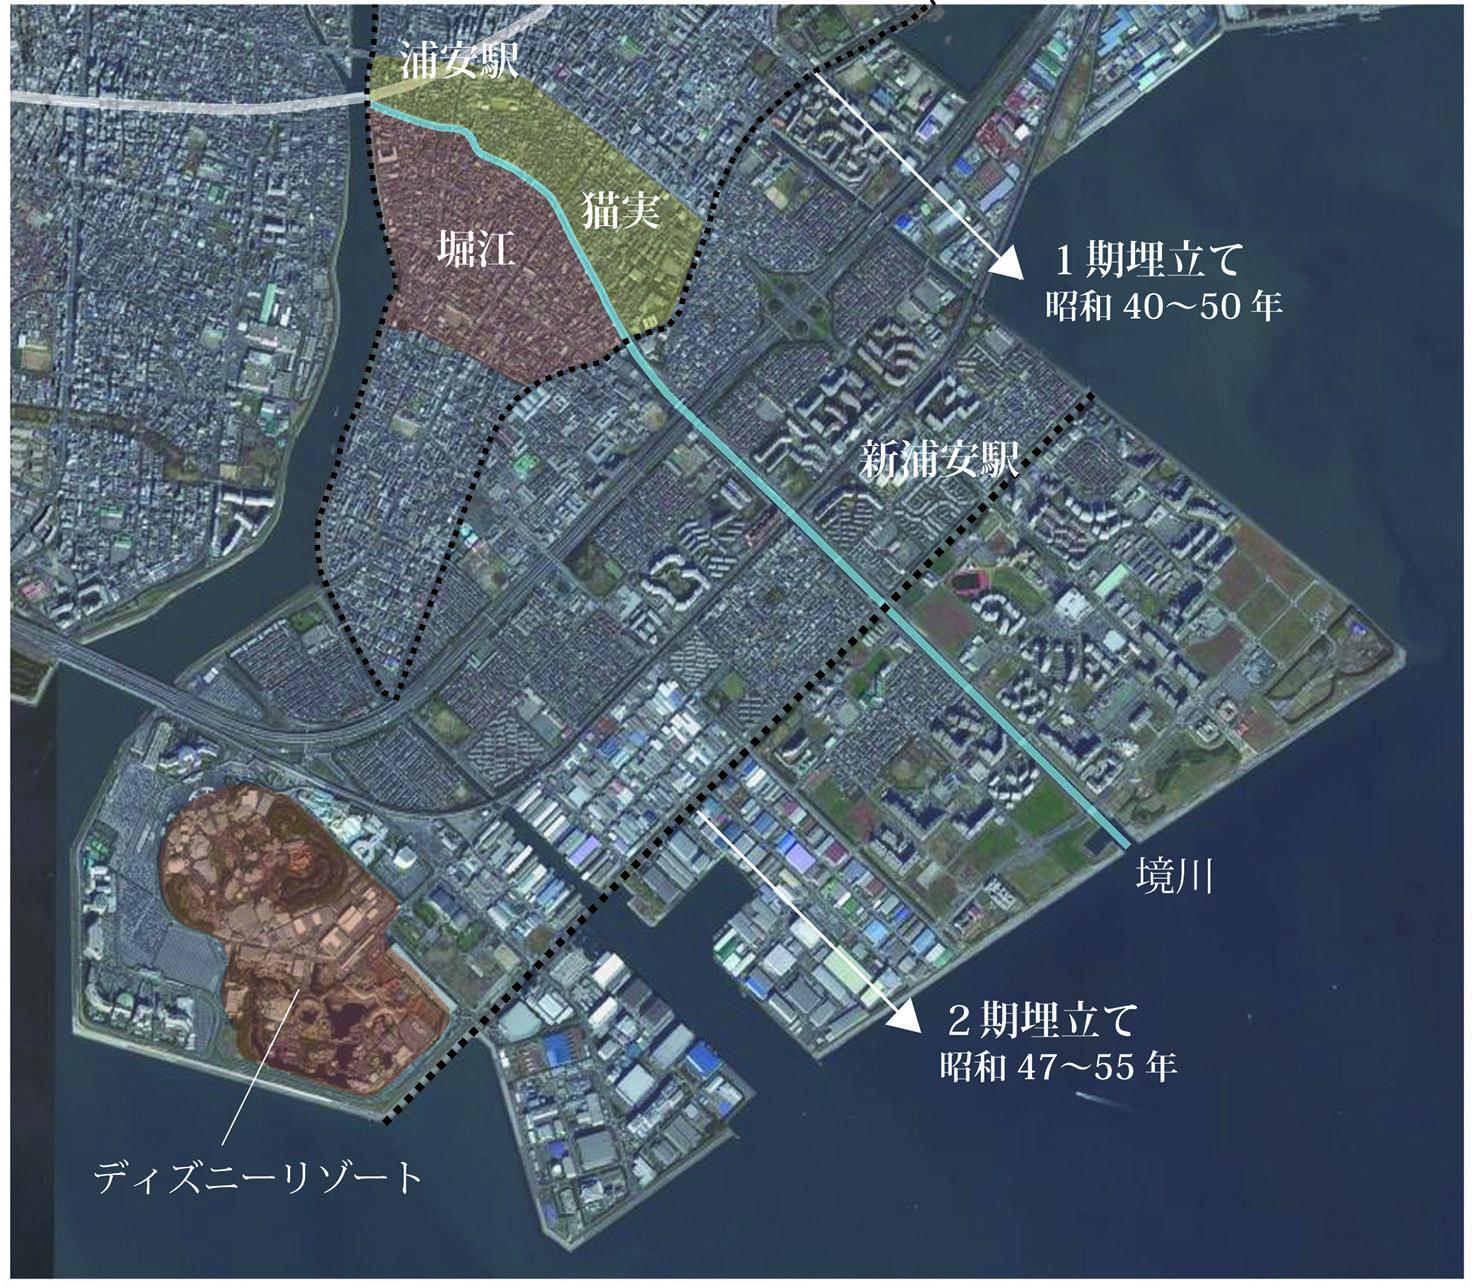 http://ud.t.u-tokyo.ac.jp/blog/%E6%B5%A6%E5%AE%89%E8%AA%AC%E6%98%8E%E5%9C%B0%E5%9B%B32-02.jpg